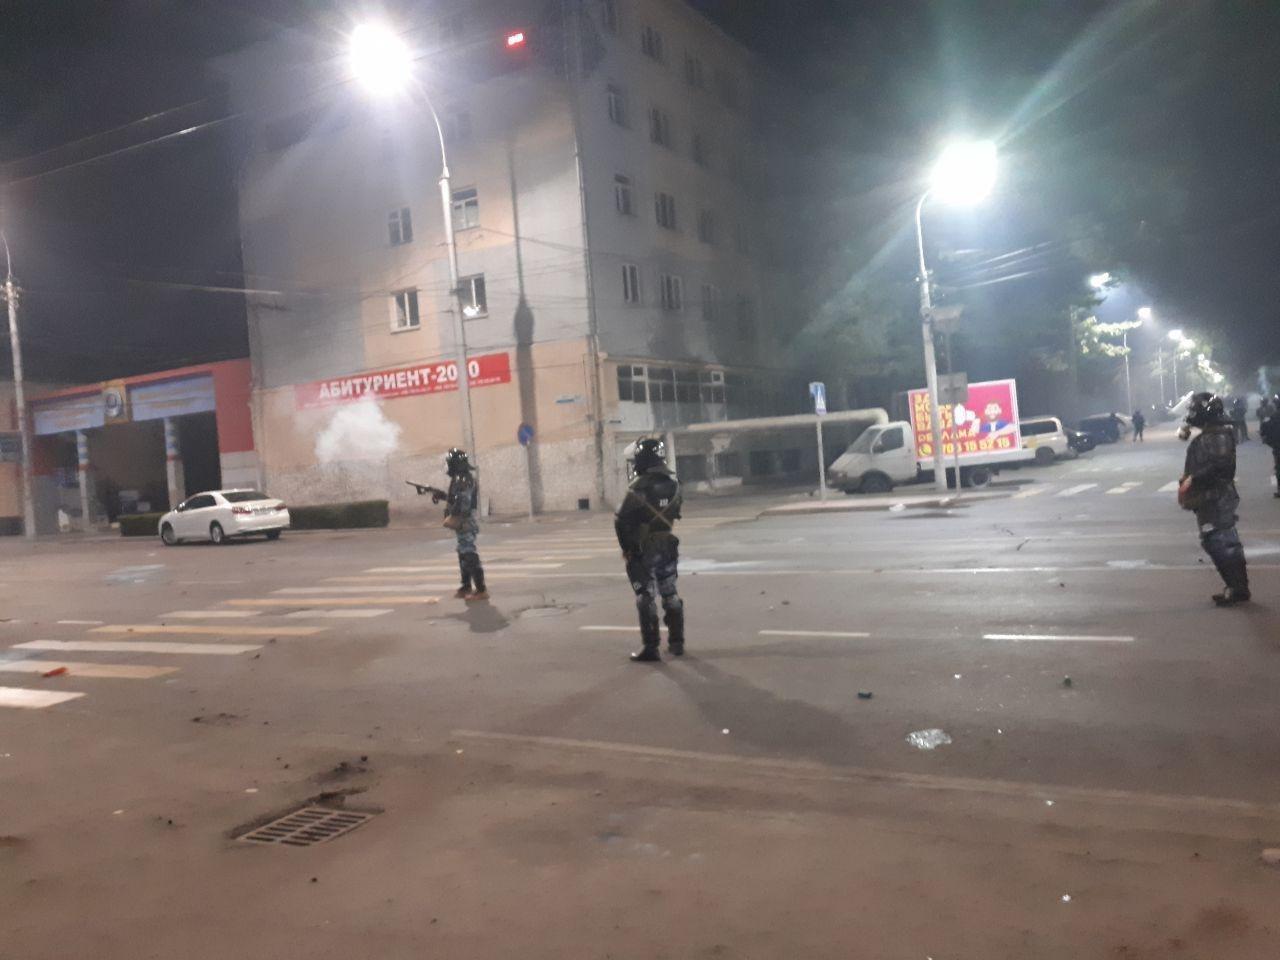 Протест в Бишкеке набирает обороты: ранен пресс-секретарь президента, начались столкновения